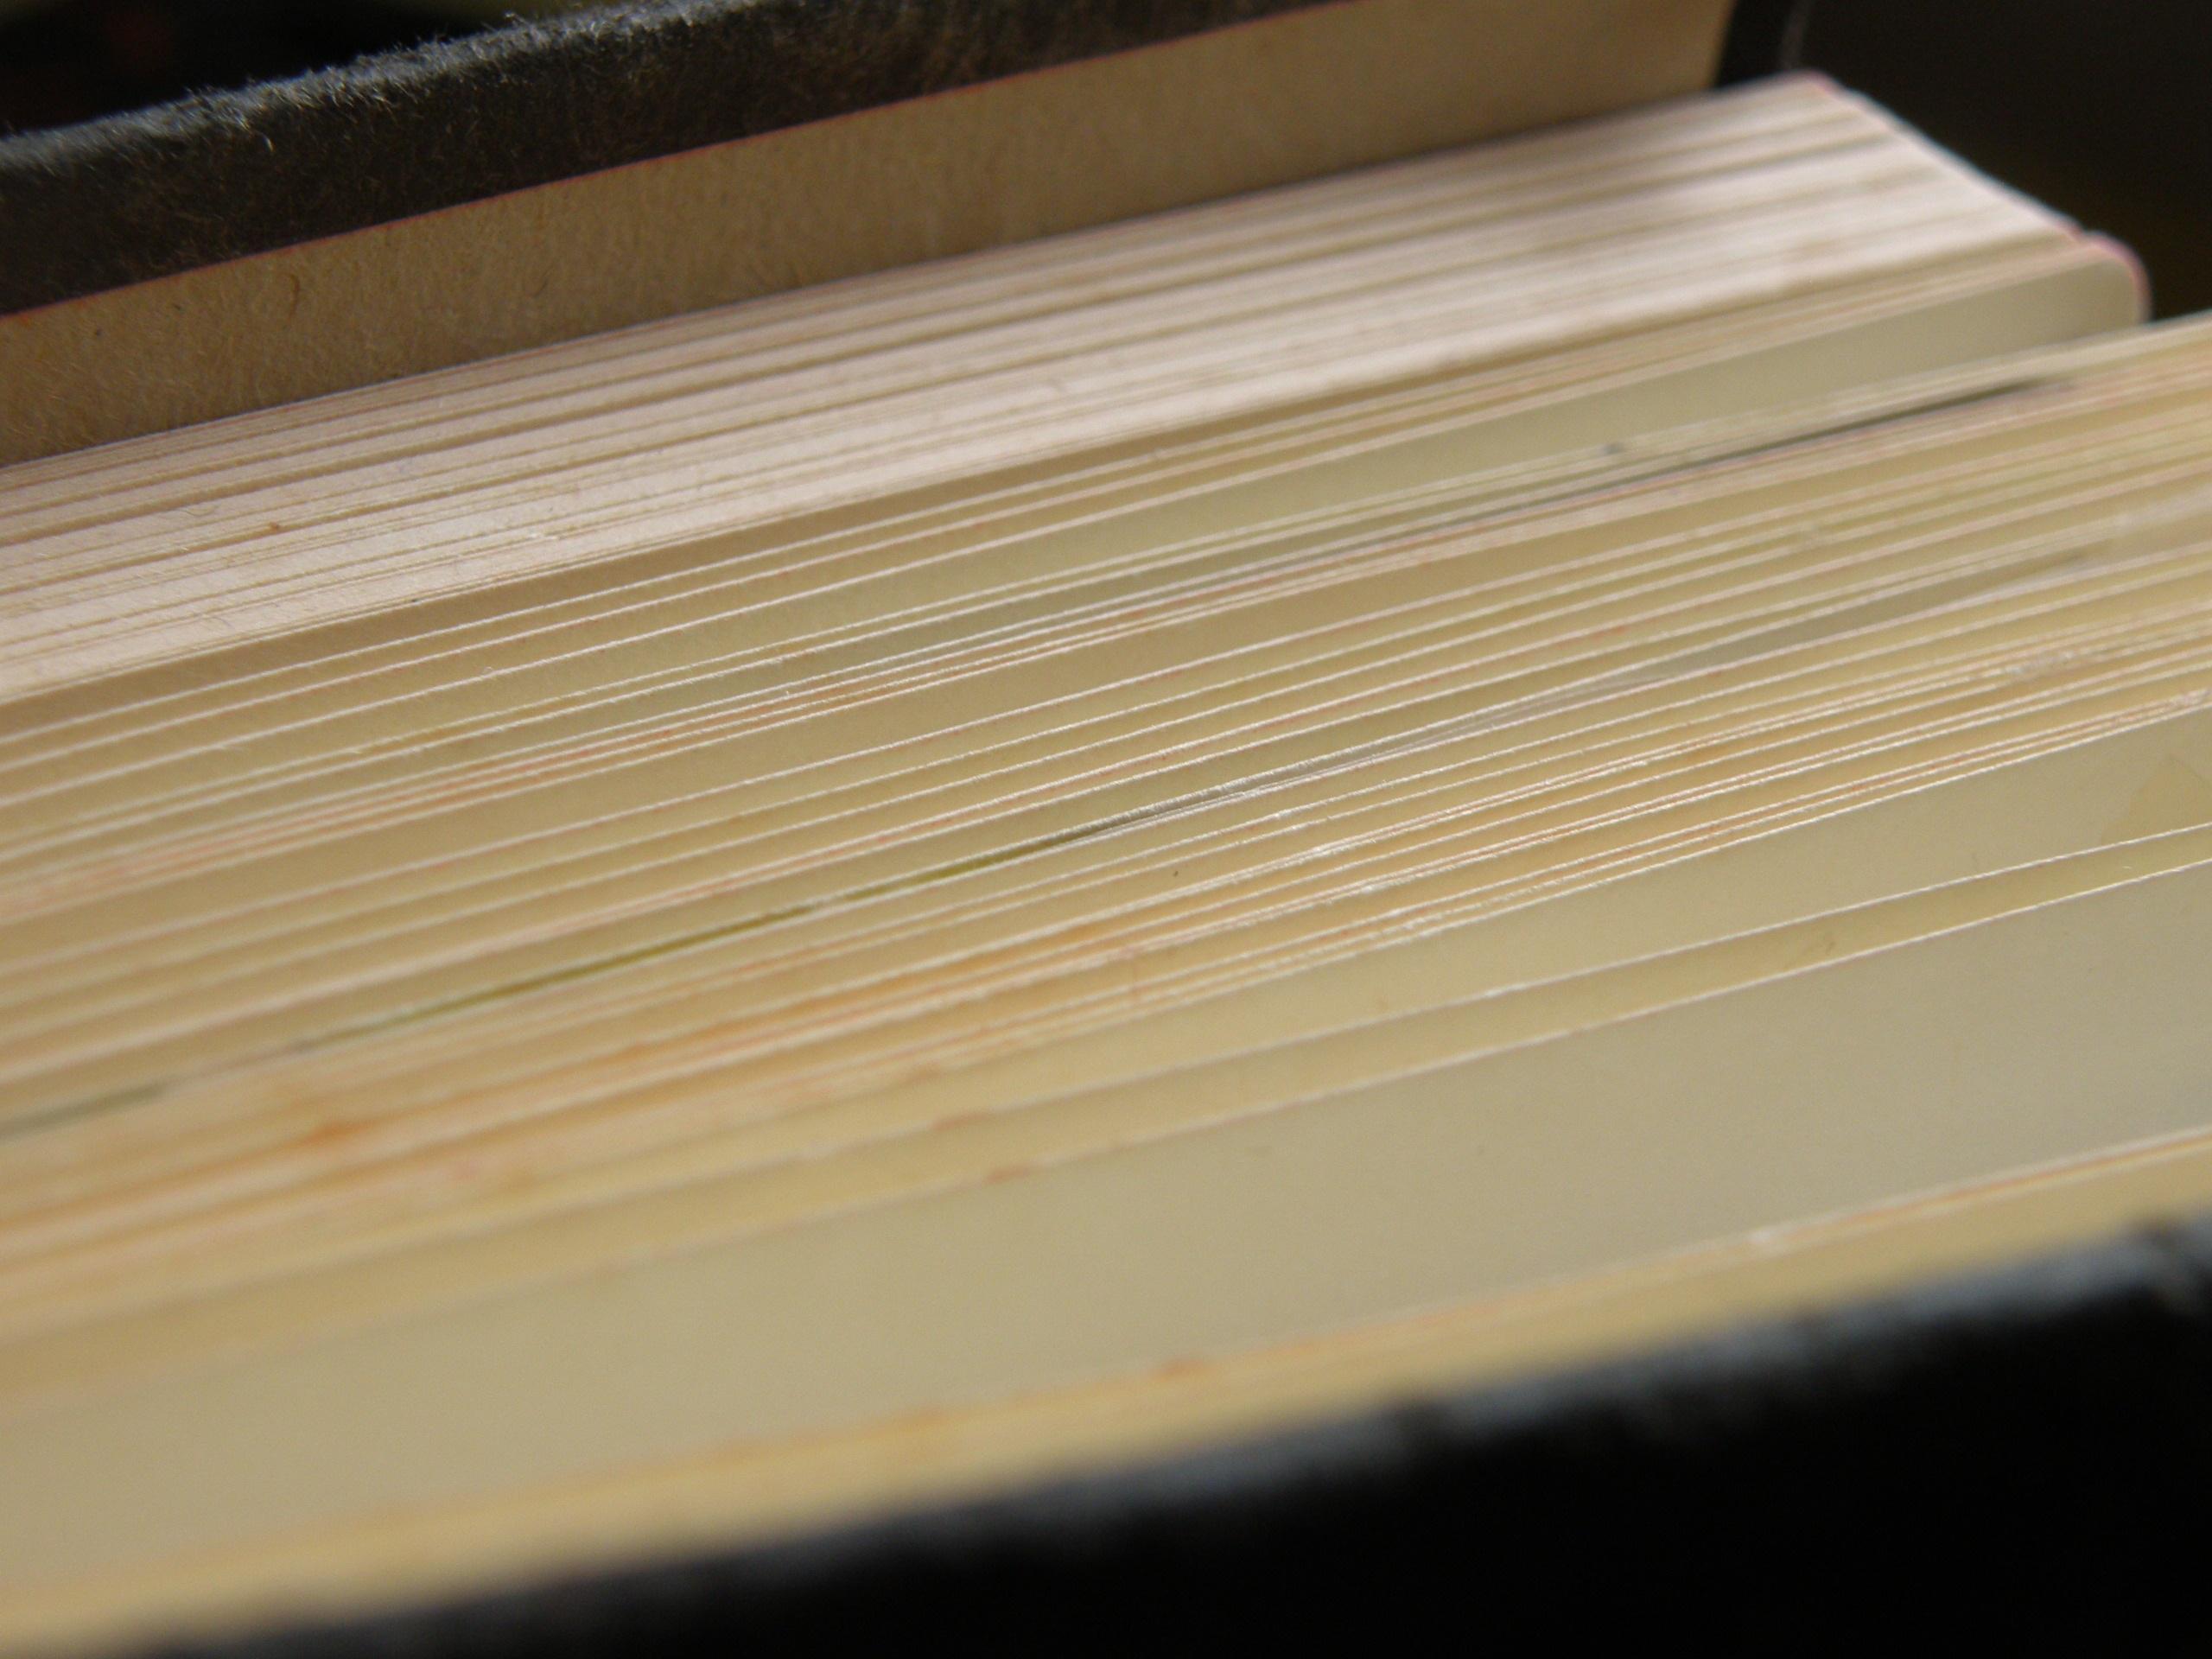 Fotoğraf Kitap Kanat Zemin Eski Yeşillik Tavan Sayfa